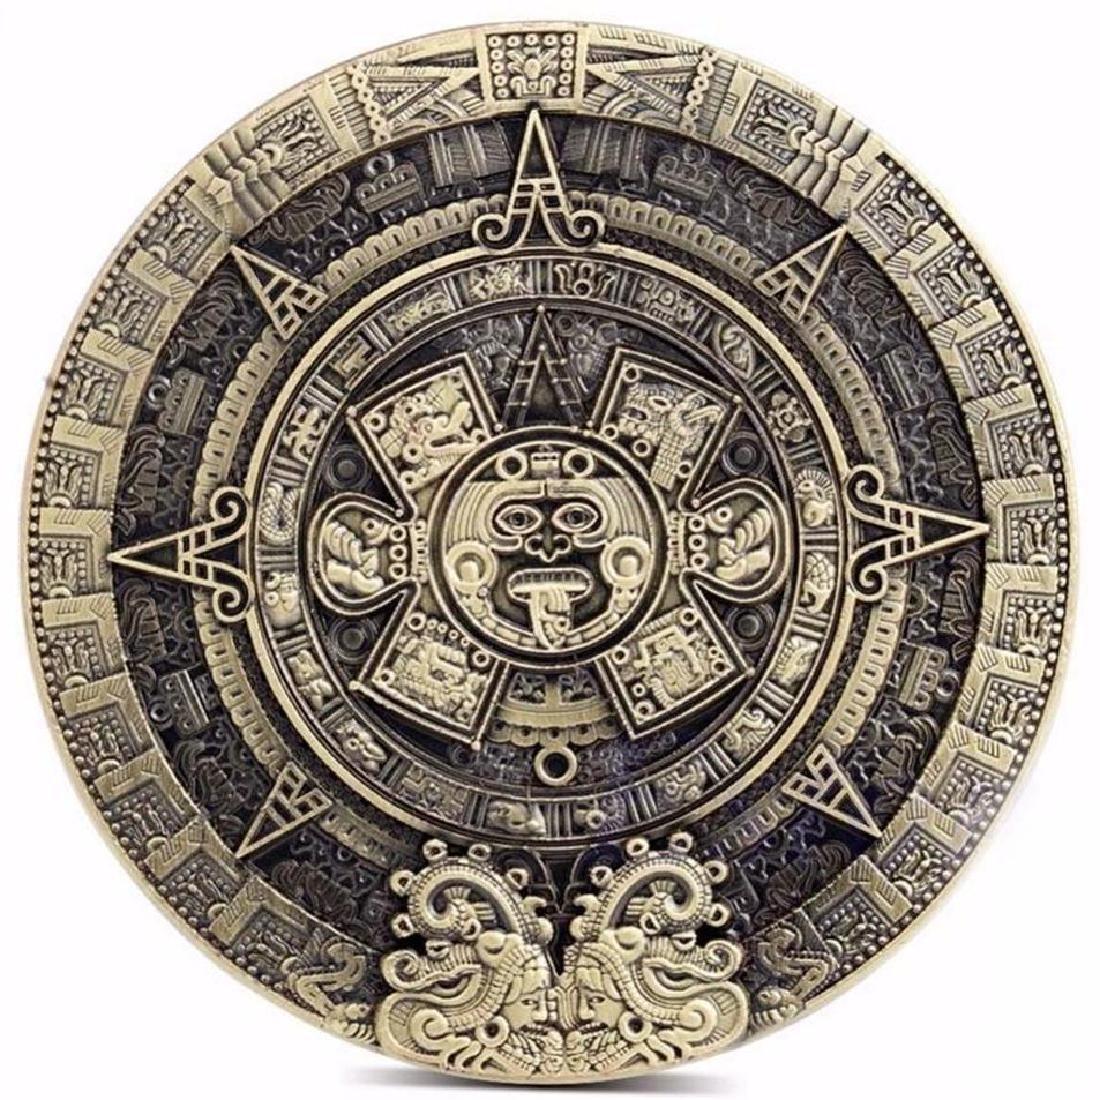 Big Mexico Mayan Calendar Collectible Coin - 2